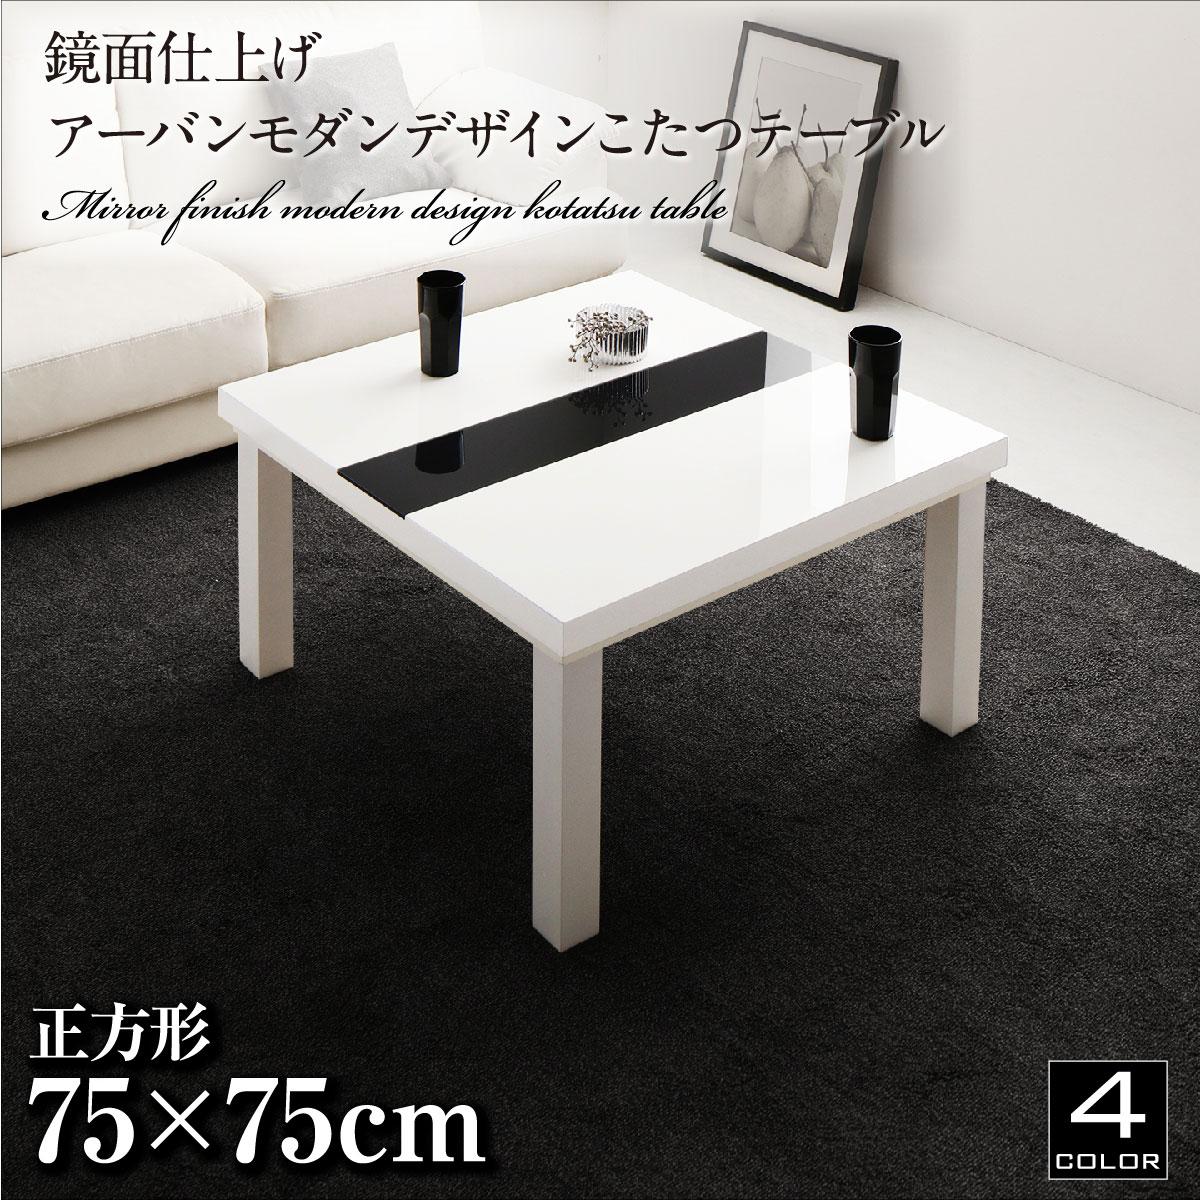 【送料無料】 鏡面仕上げ アーバンモダンデザインこたつテーブル こたつテーブル 正方形(75×75cm)